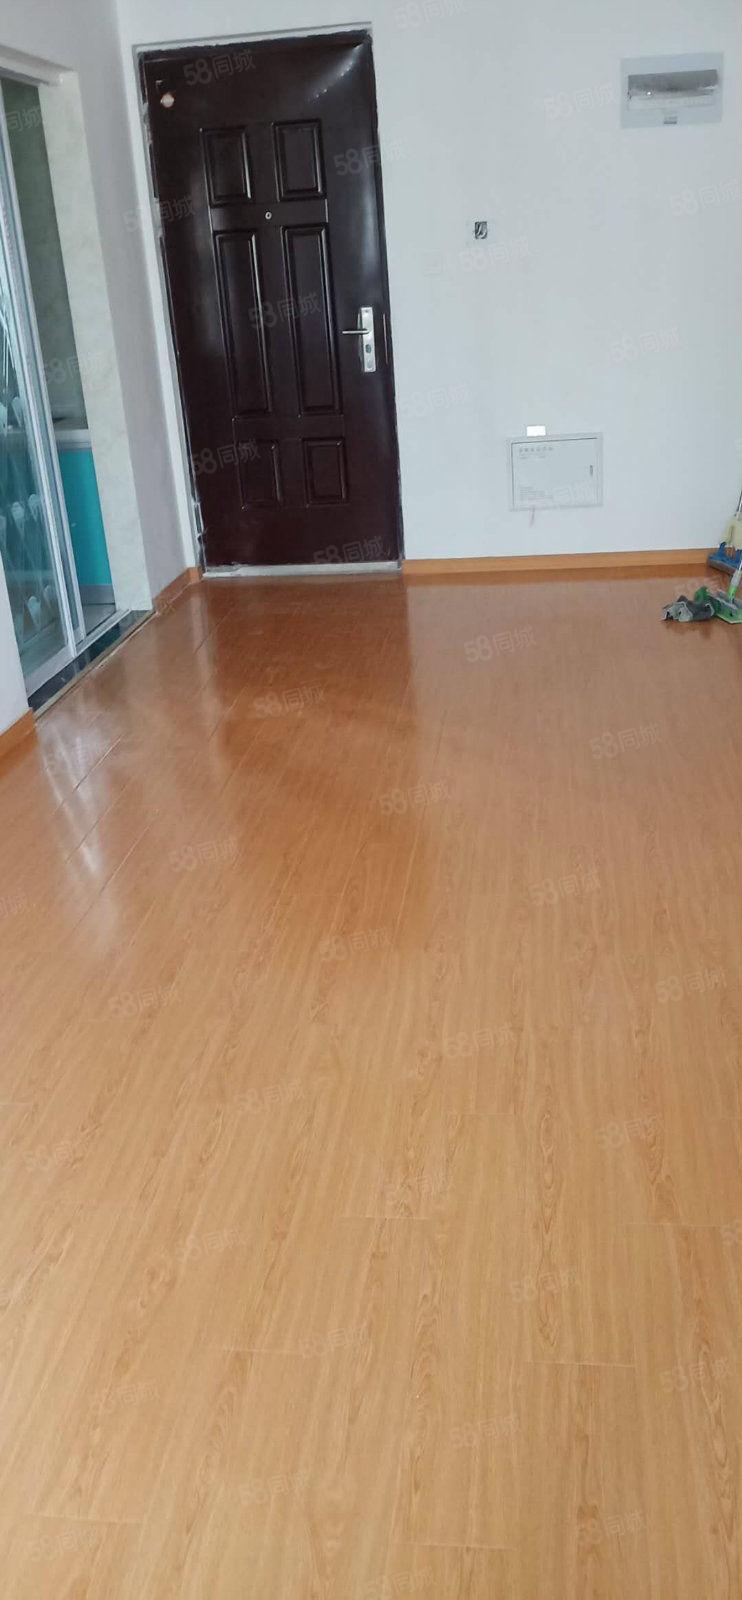 明发江湾新城大三房房子装修好干净整洁性价比高1100元月